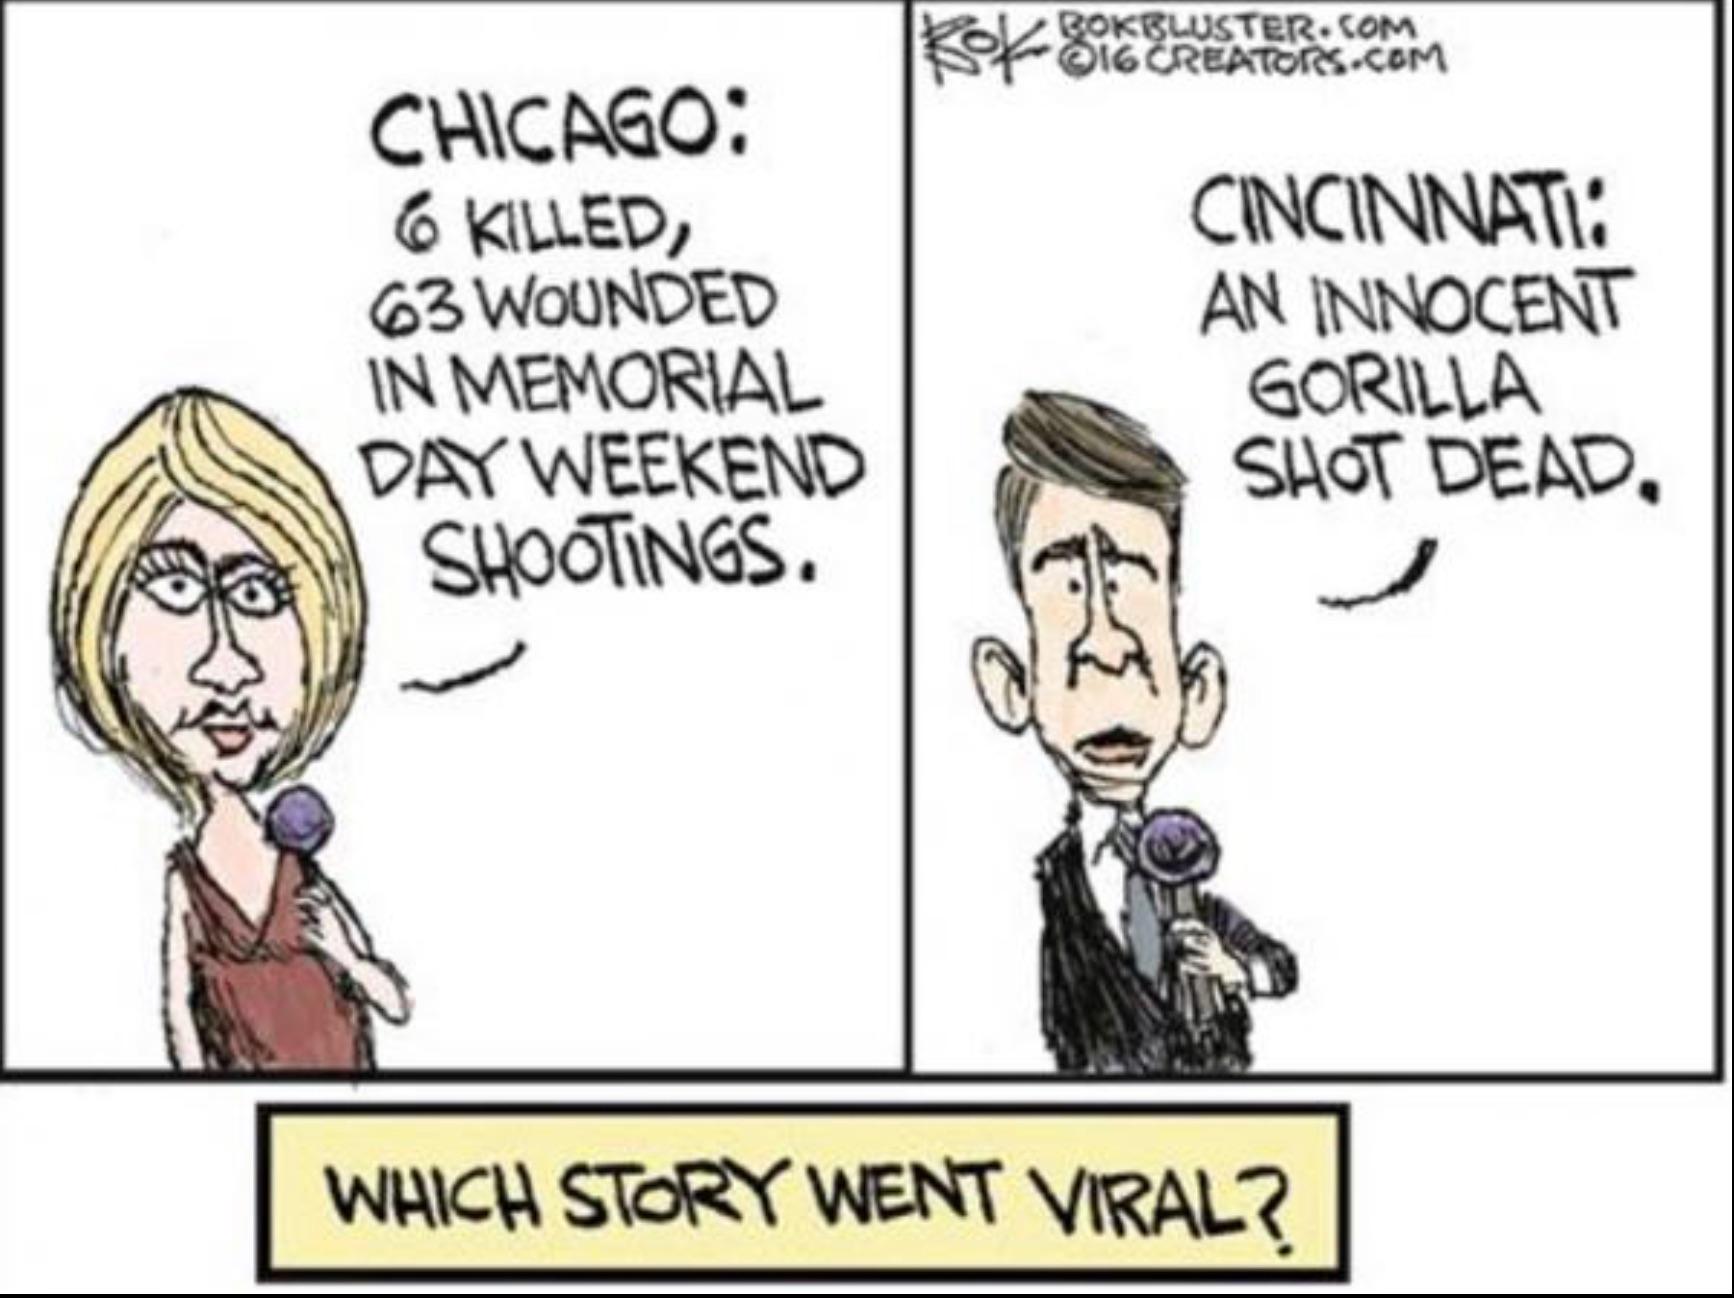 Gorilla v. Chicago copy